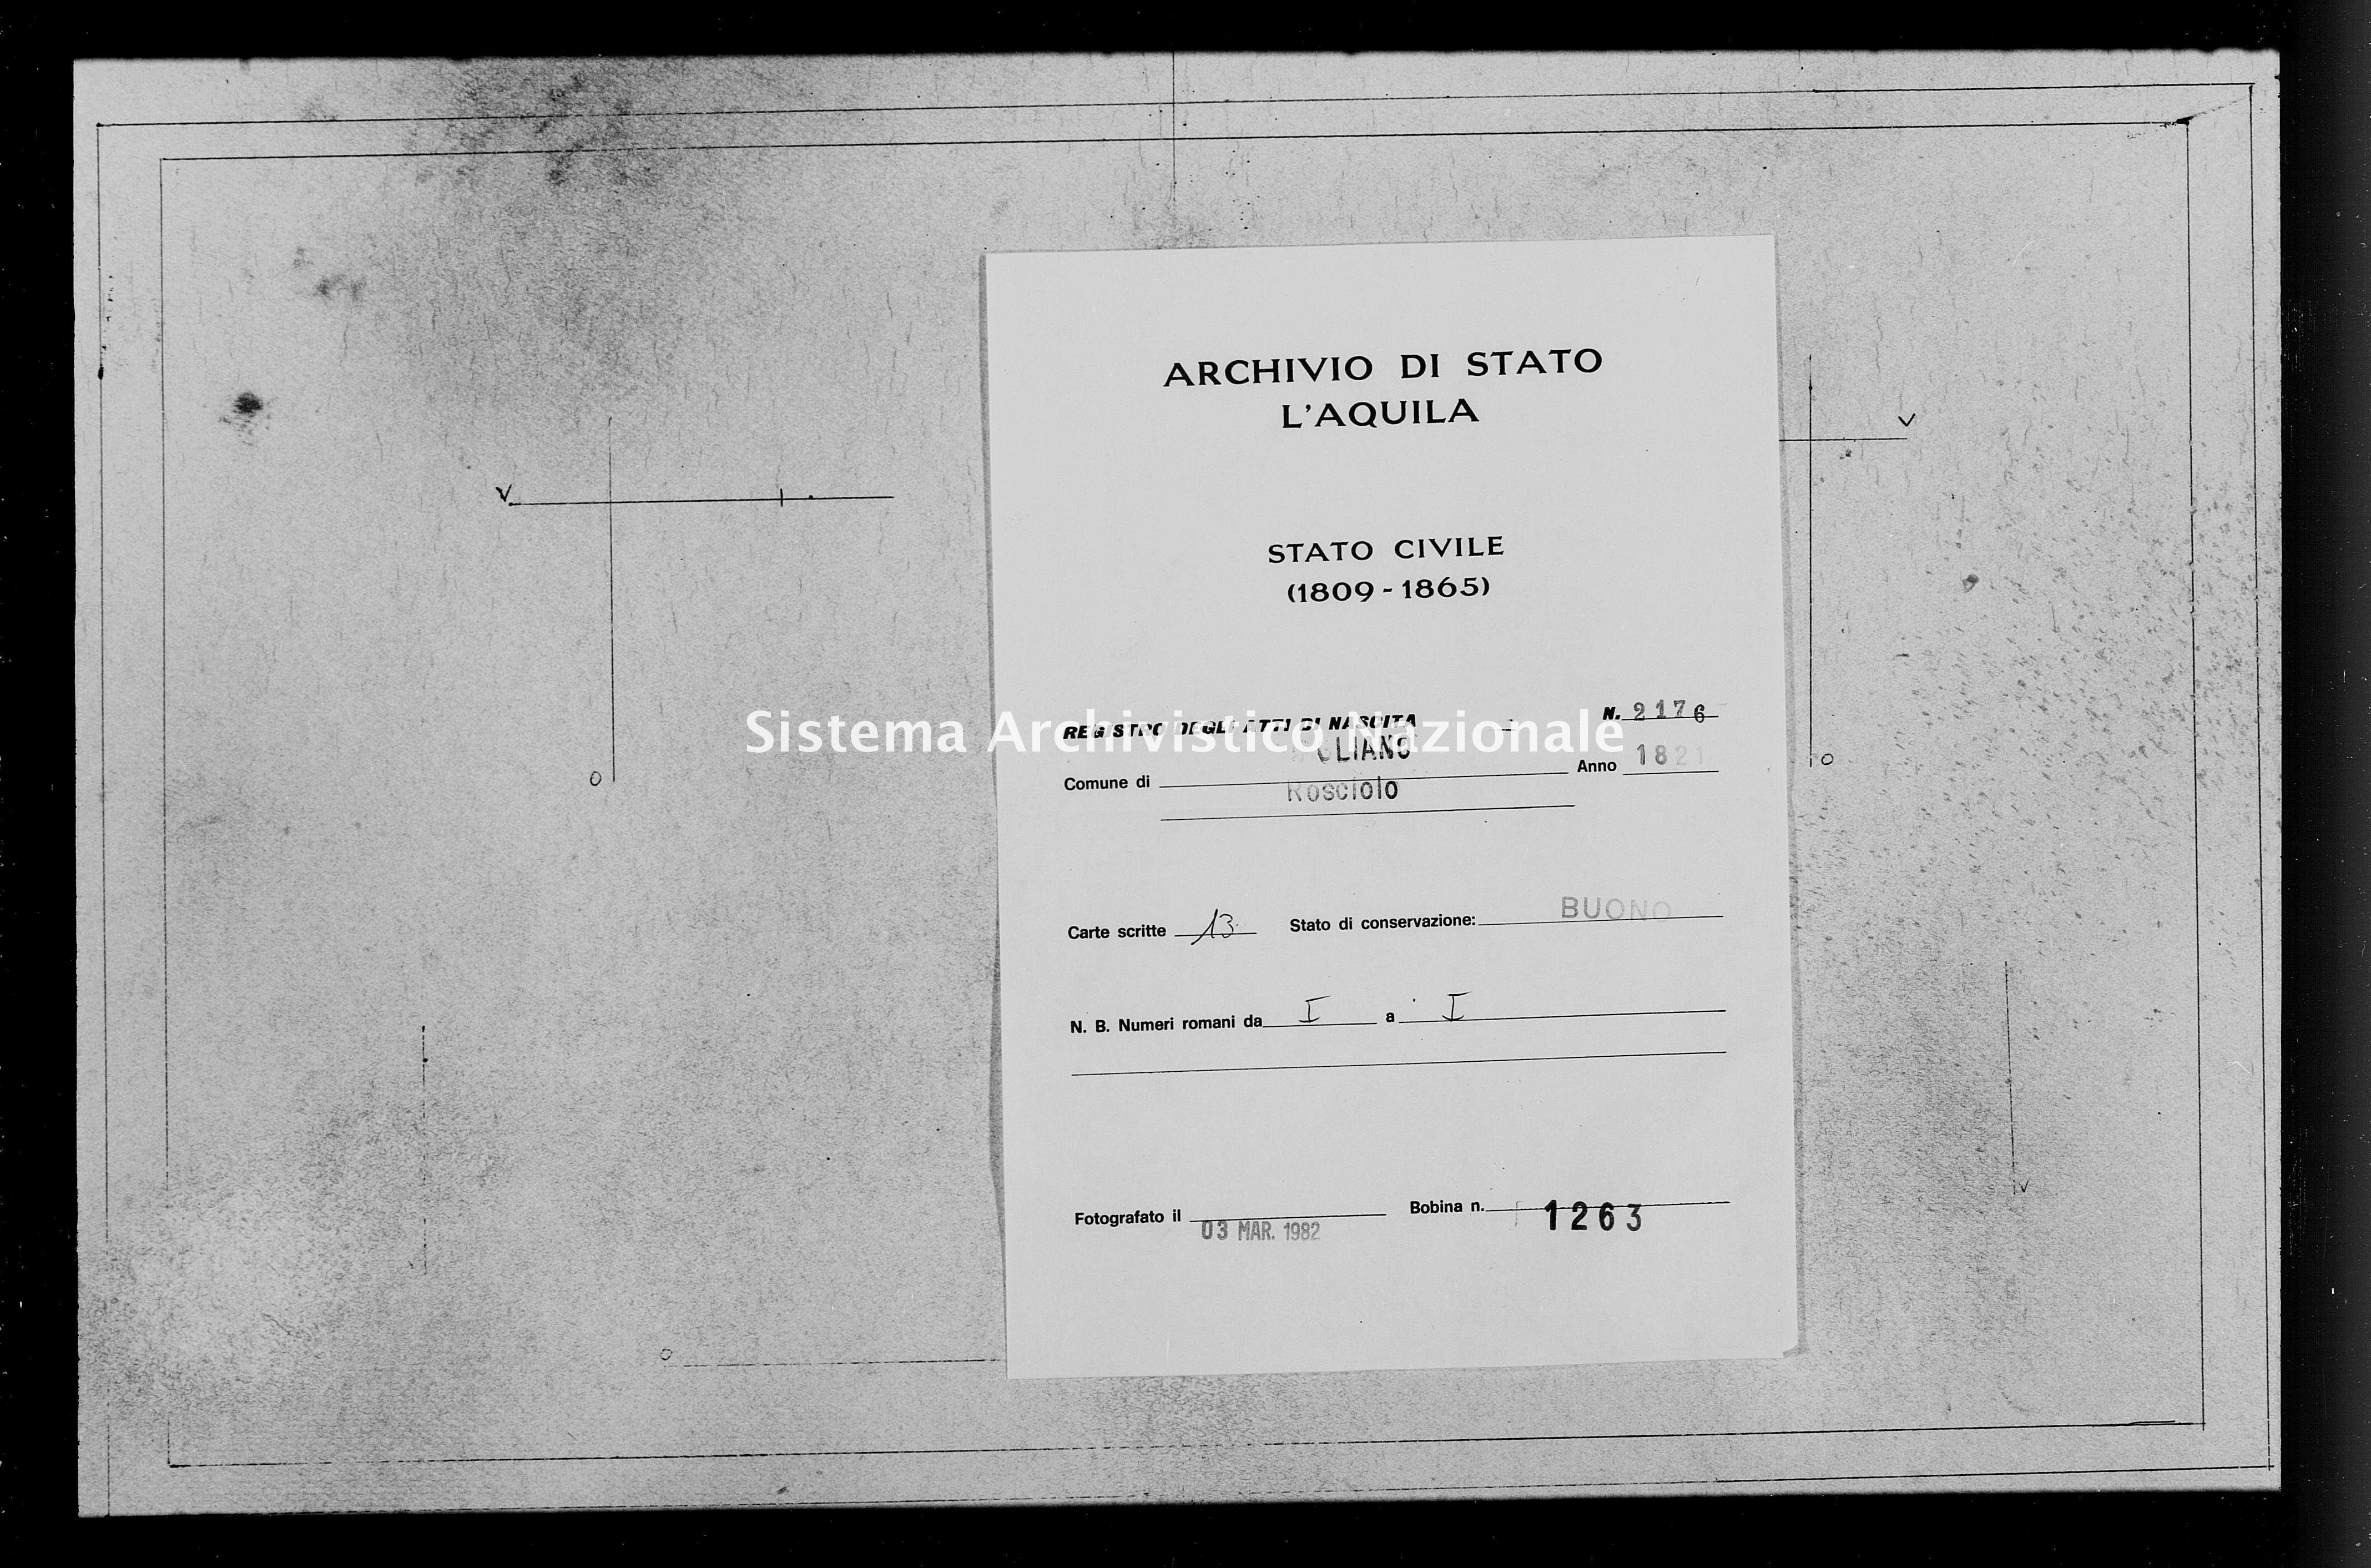 Archivio di stato di L'aquila - Stato civile della restaurazione - Rosciolo - Nati - 1821 - 2176 -